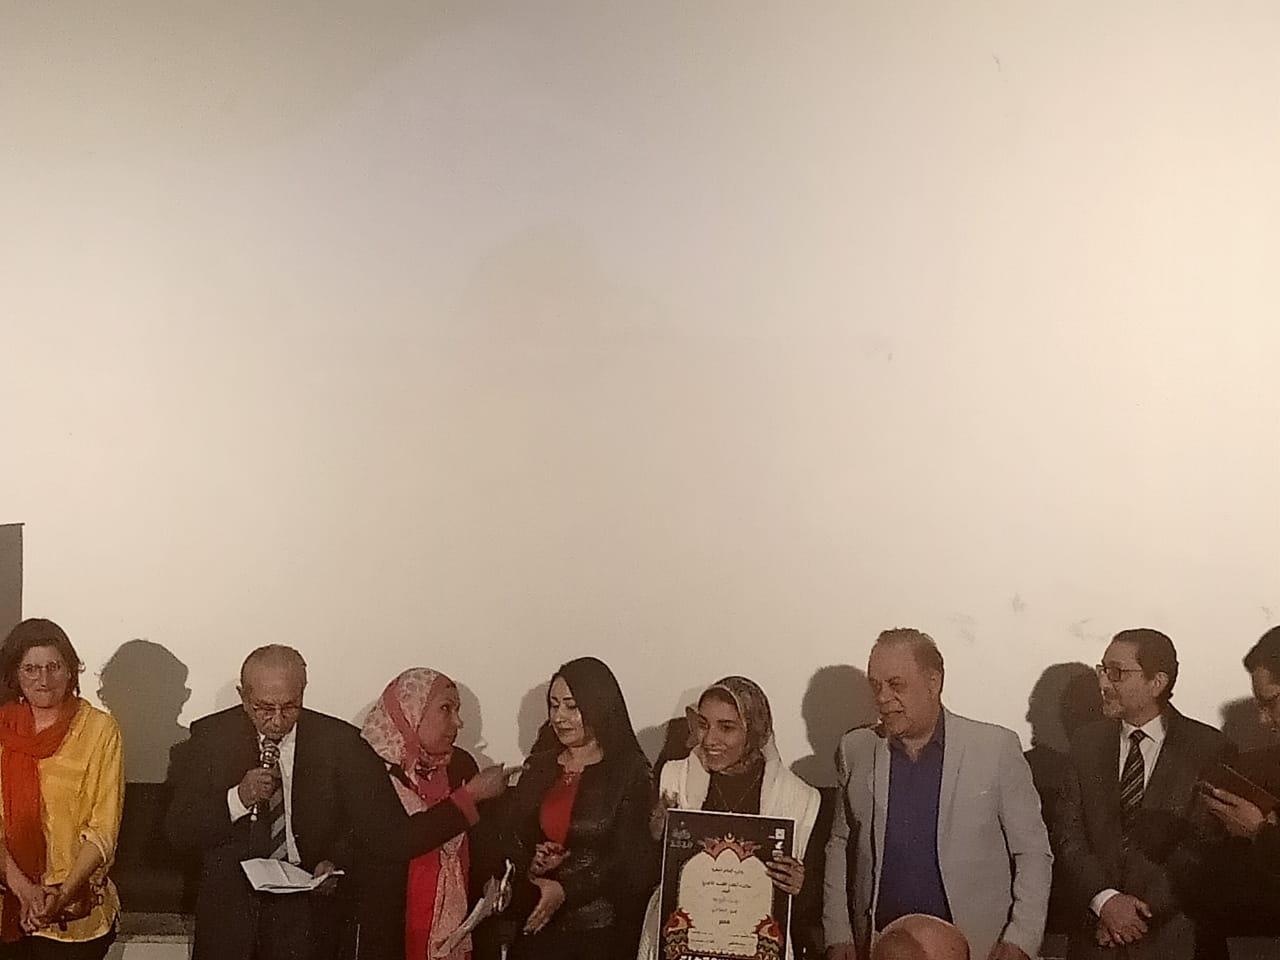 جوائز مهرجان القاهرة الدولي (2)